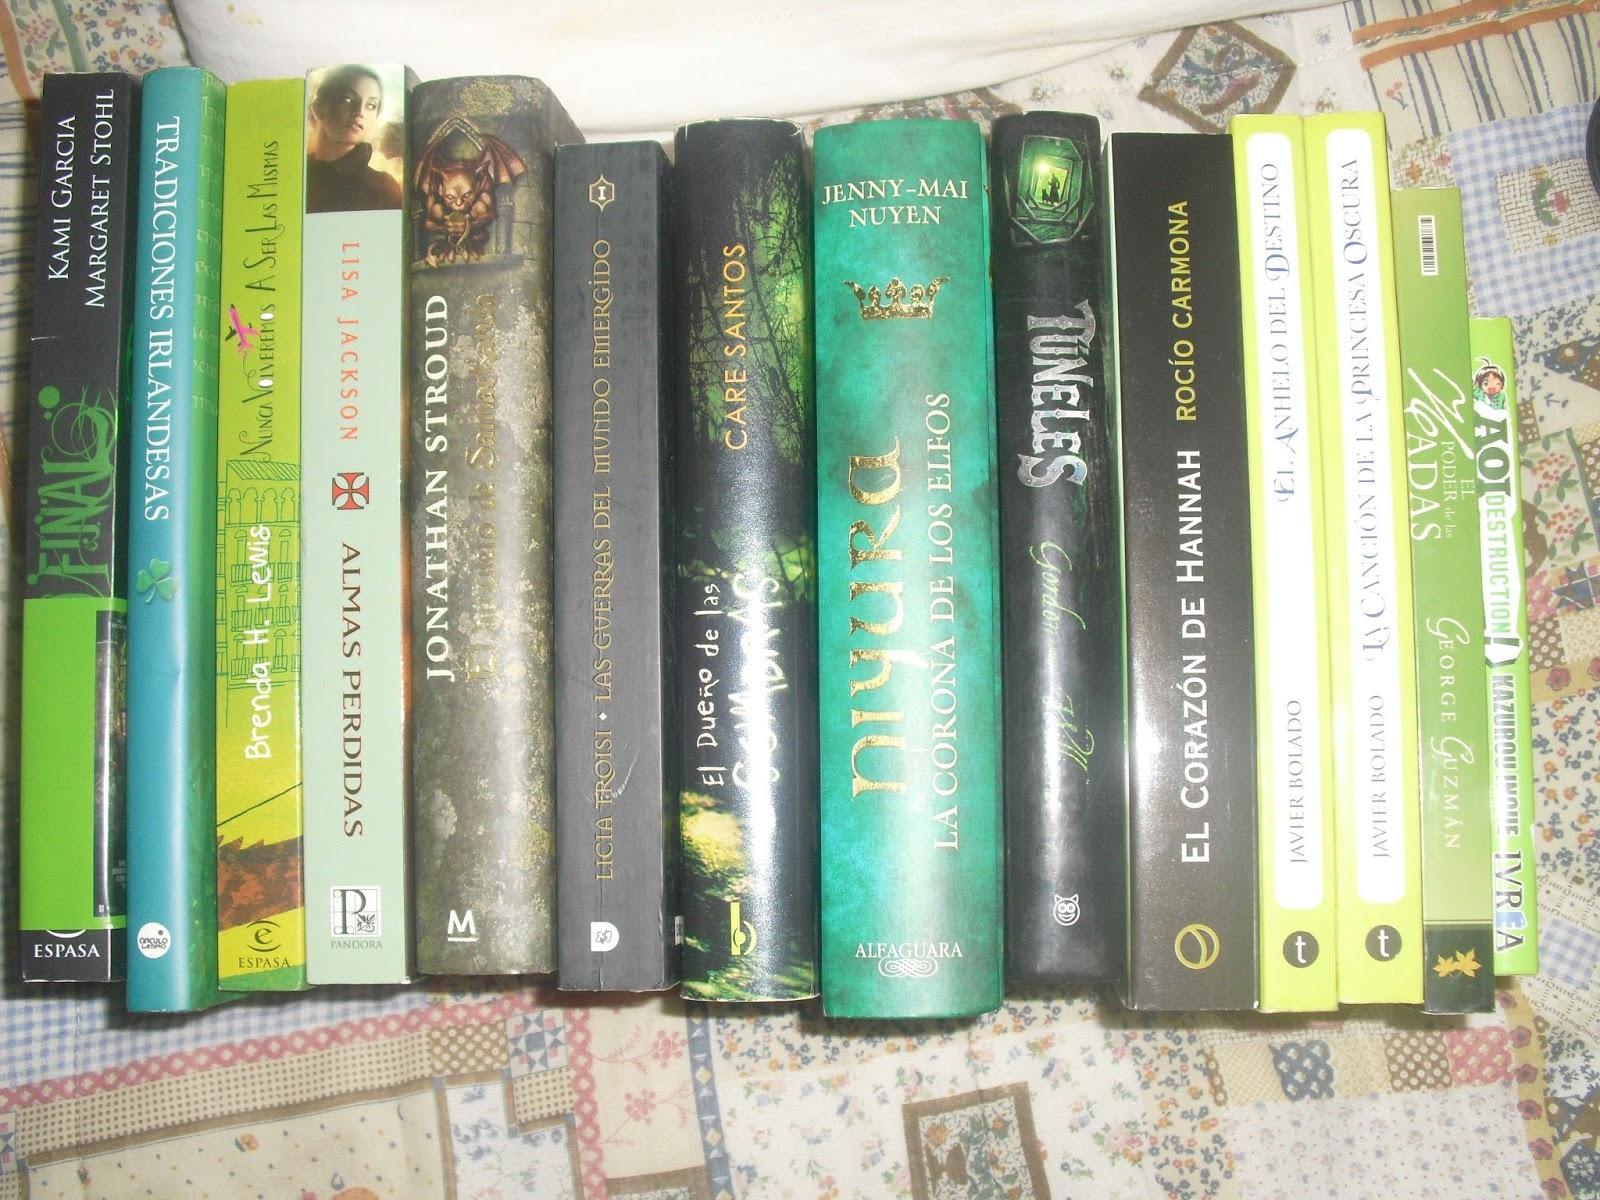 Destripando la Imaginación: Libros de colores #1: ¡Juntos por el verde!